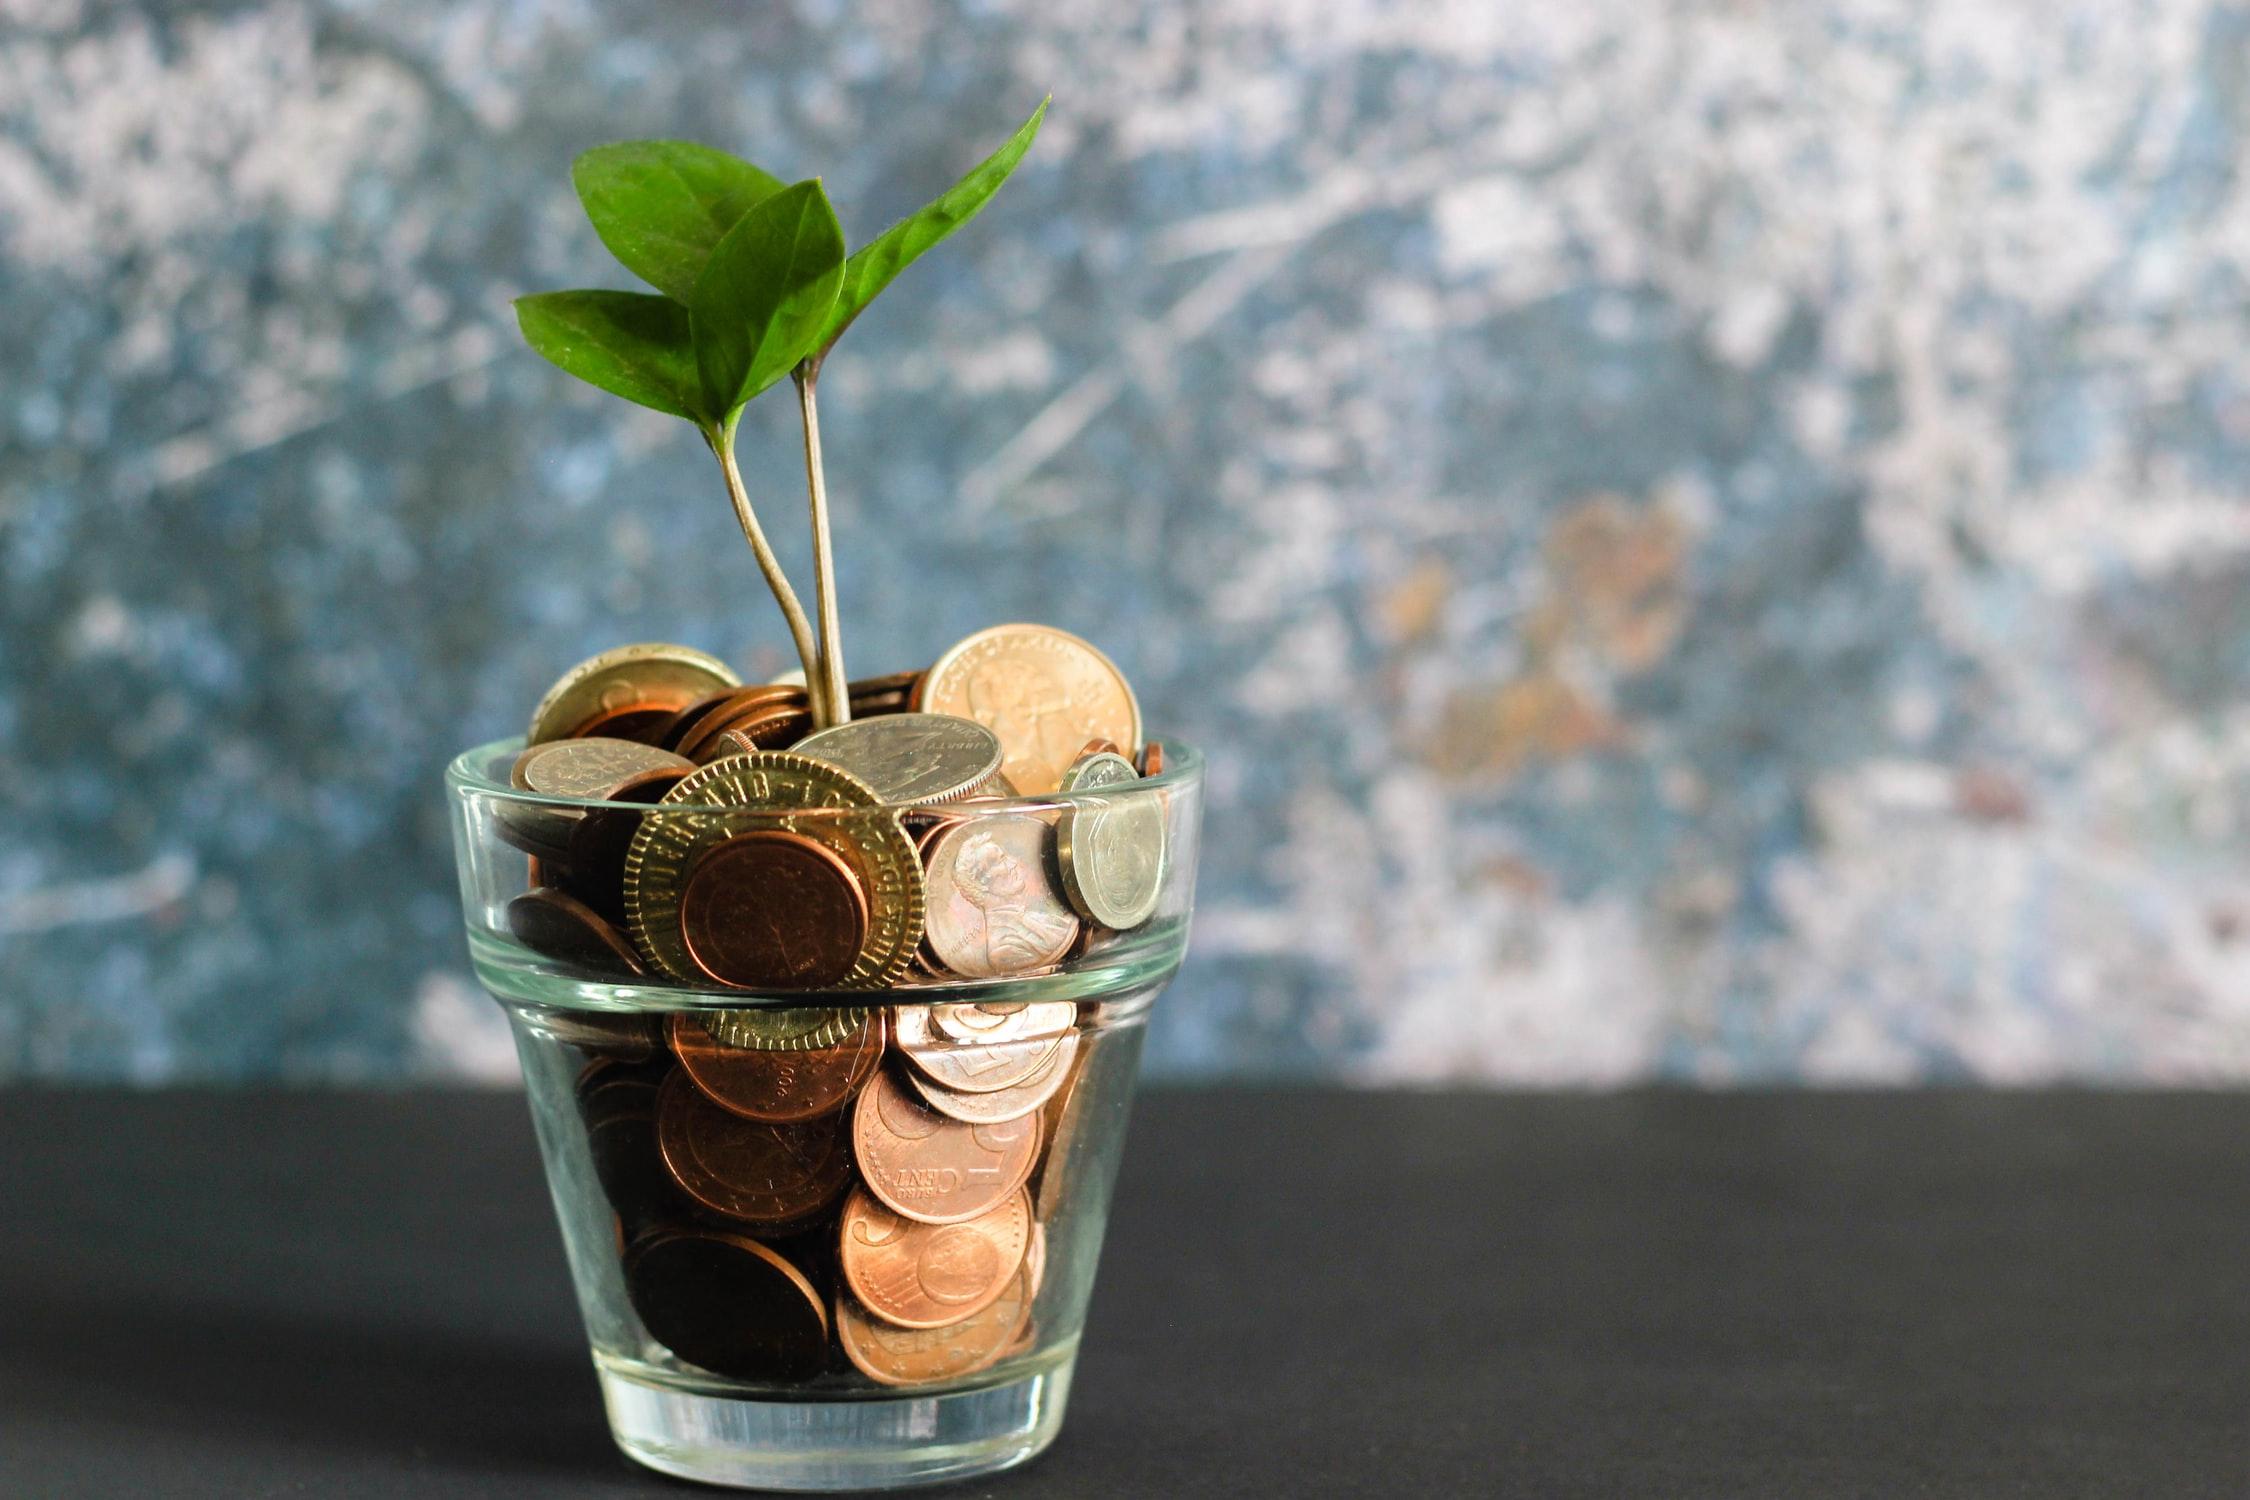 HAI PIÙ DI 10.000 EURO IN BANCA? ECCO PERCHÉ NON DOVRESTI LASCIARLI SUL CONTO